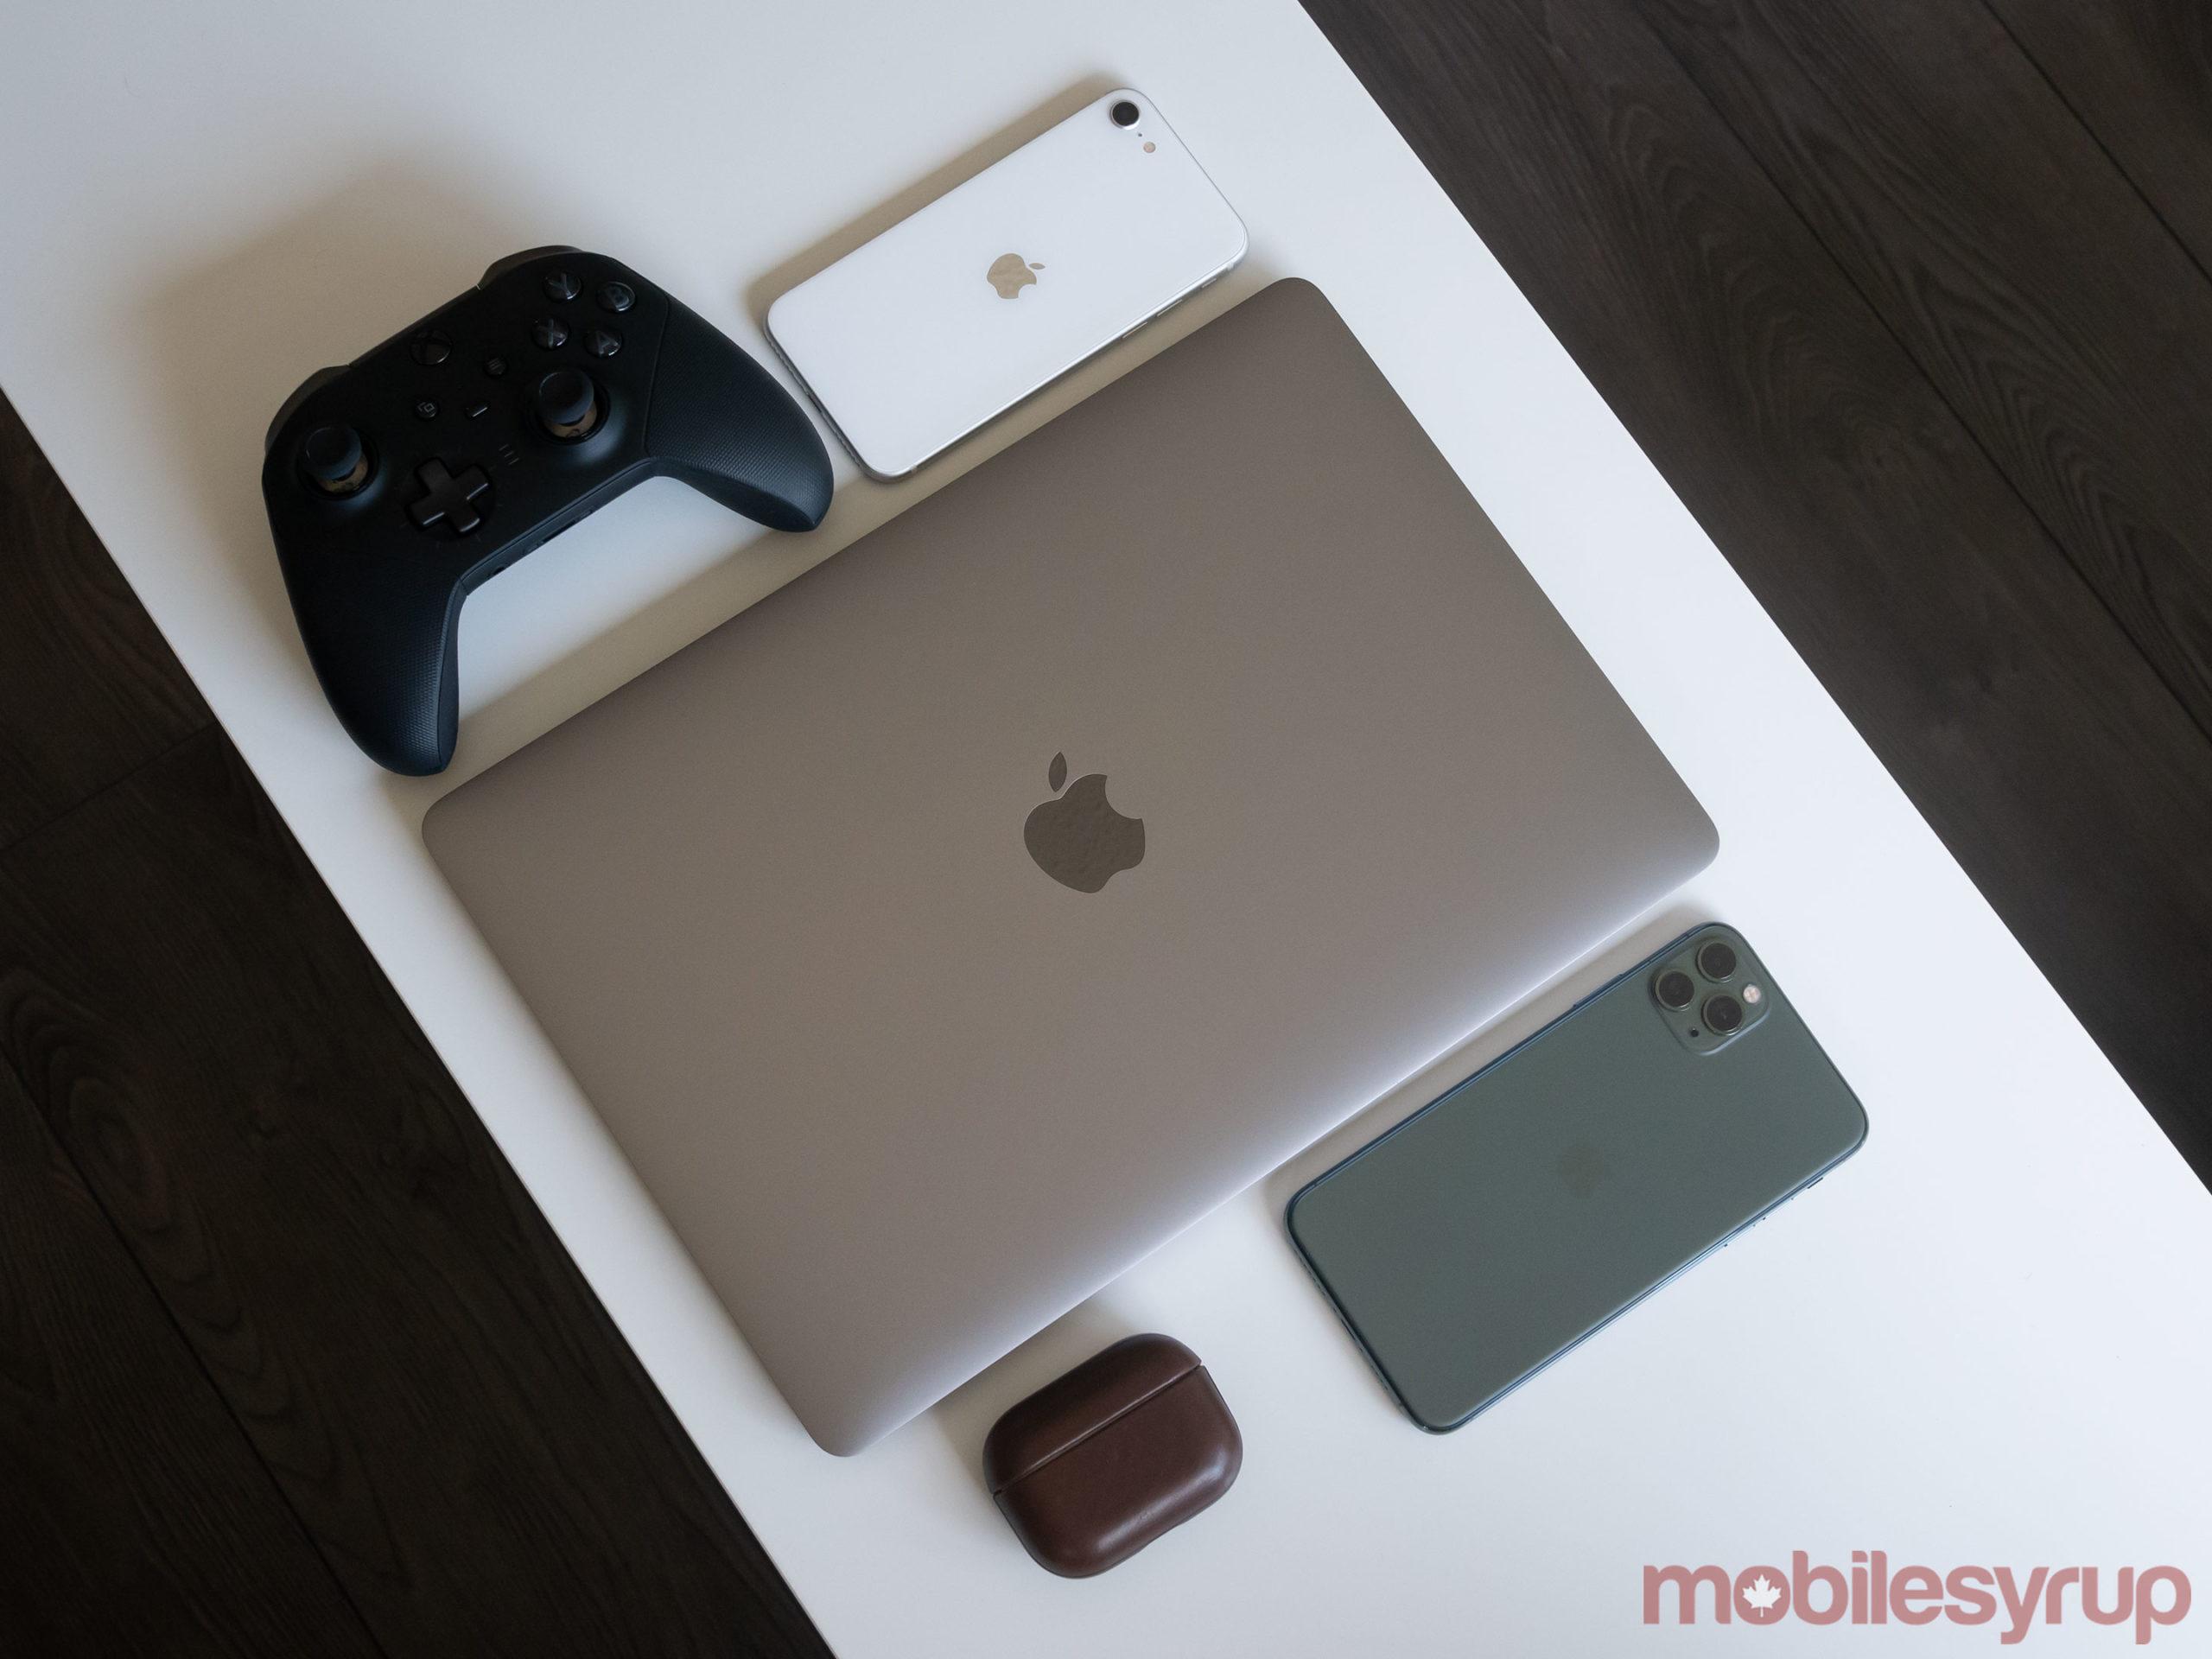 MacBook Pro 2020 top-down